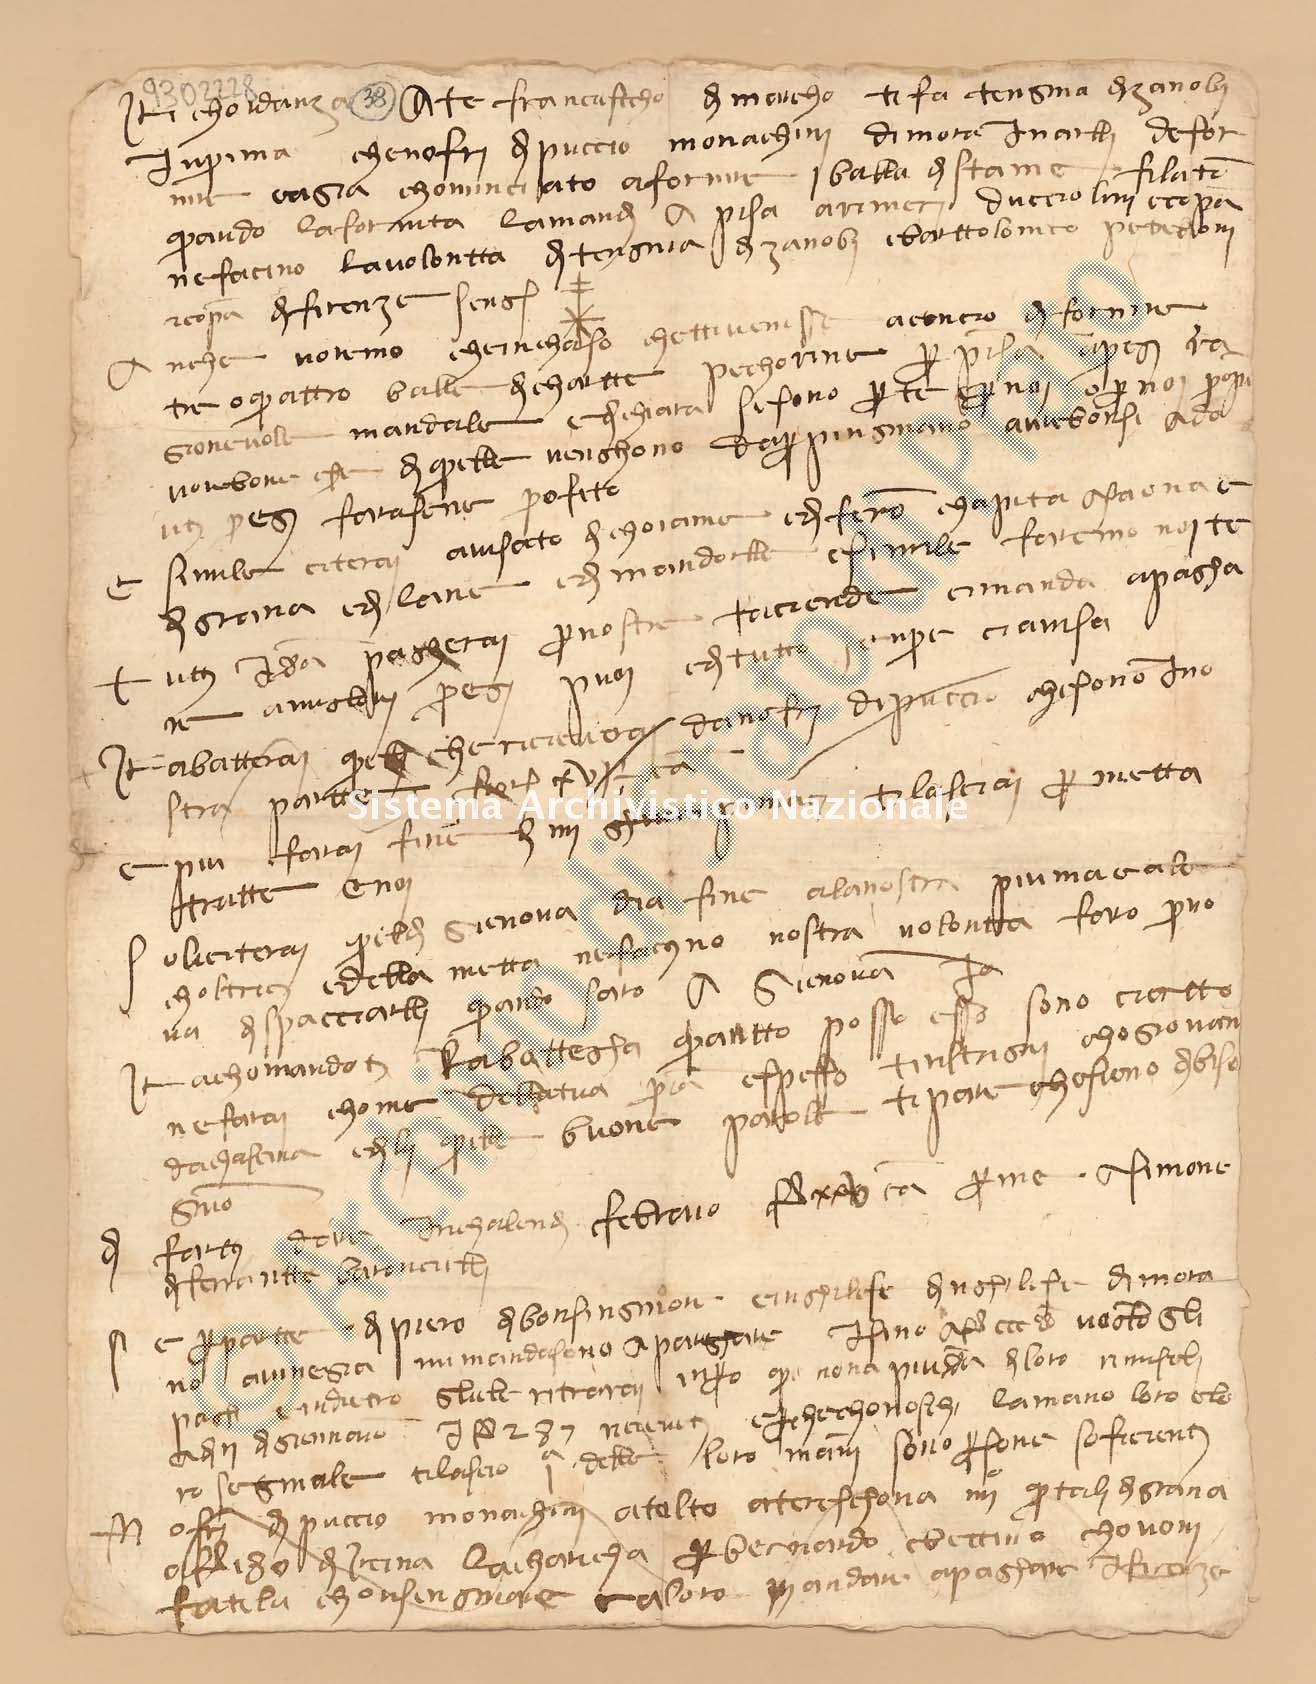 Archivio di Stato di Prato, Fondo Datini, Carteggio specializzato, Ricordanze, Busta 1166 (busta 1166, codice 9302228)